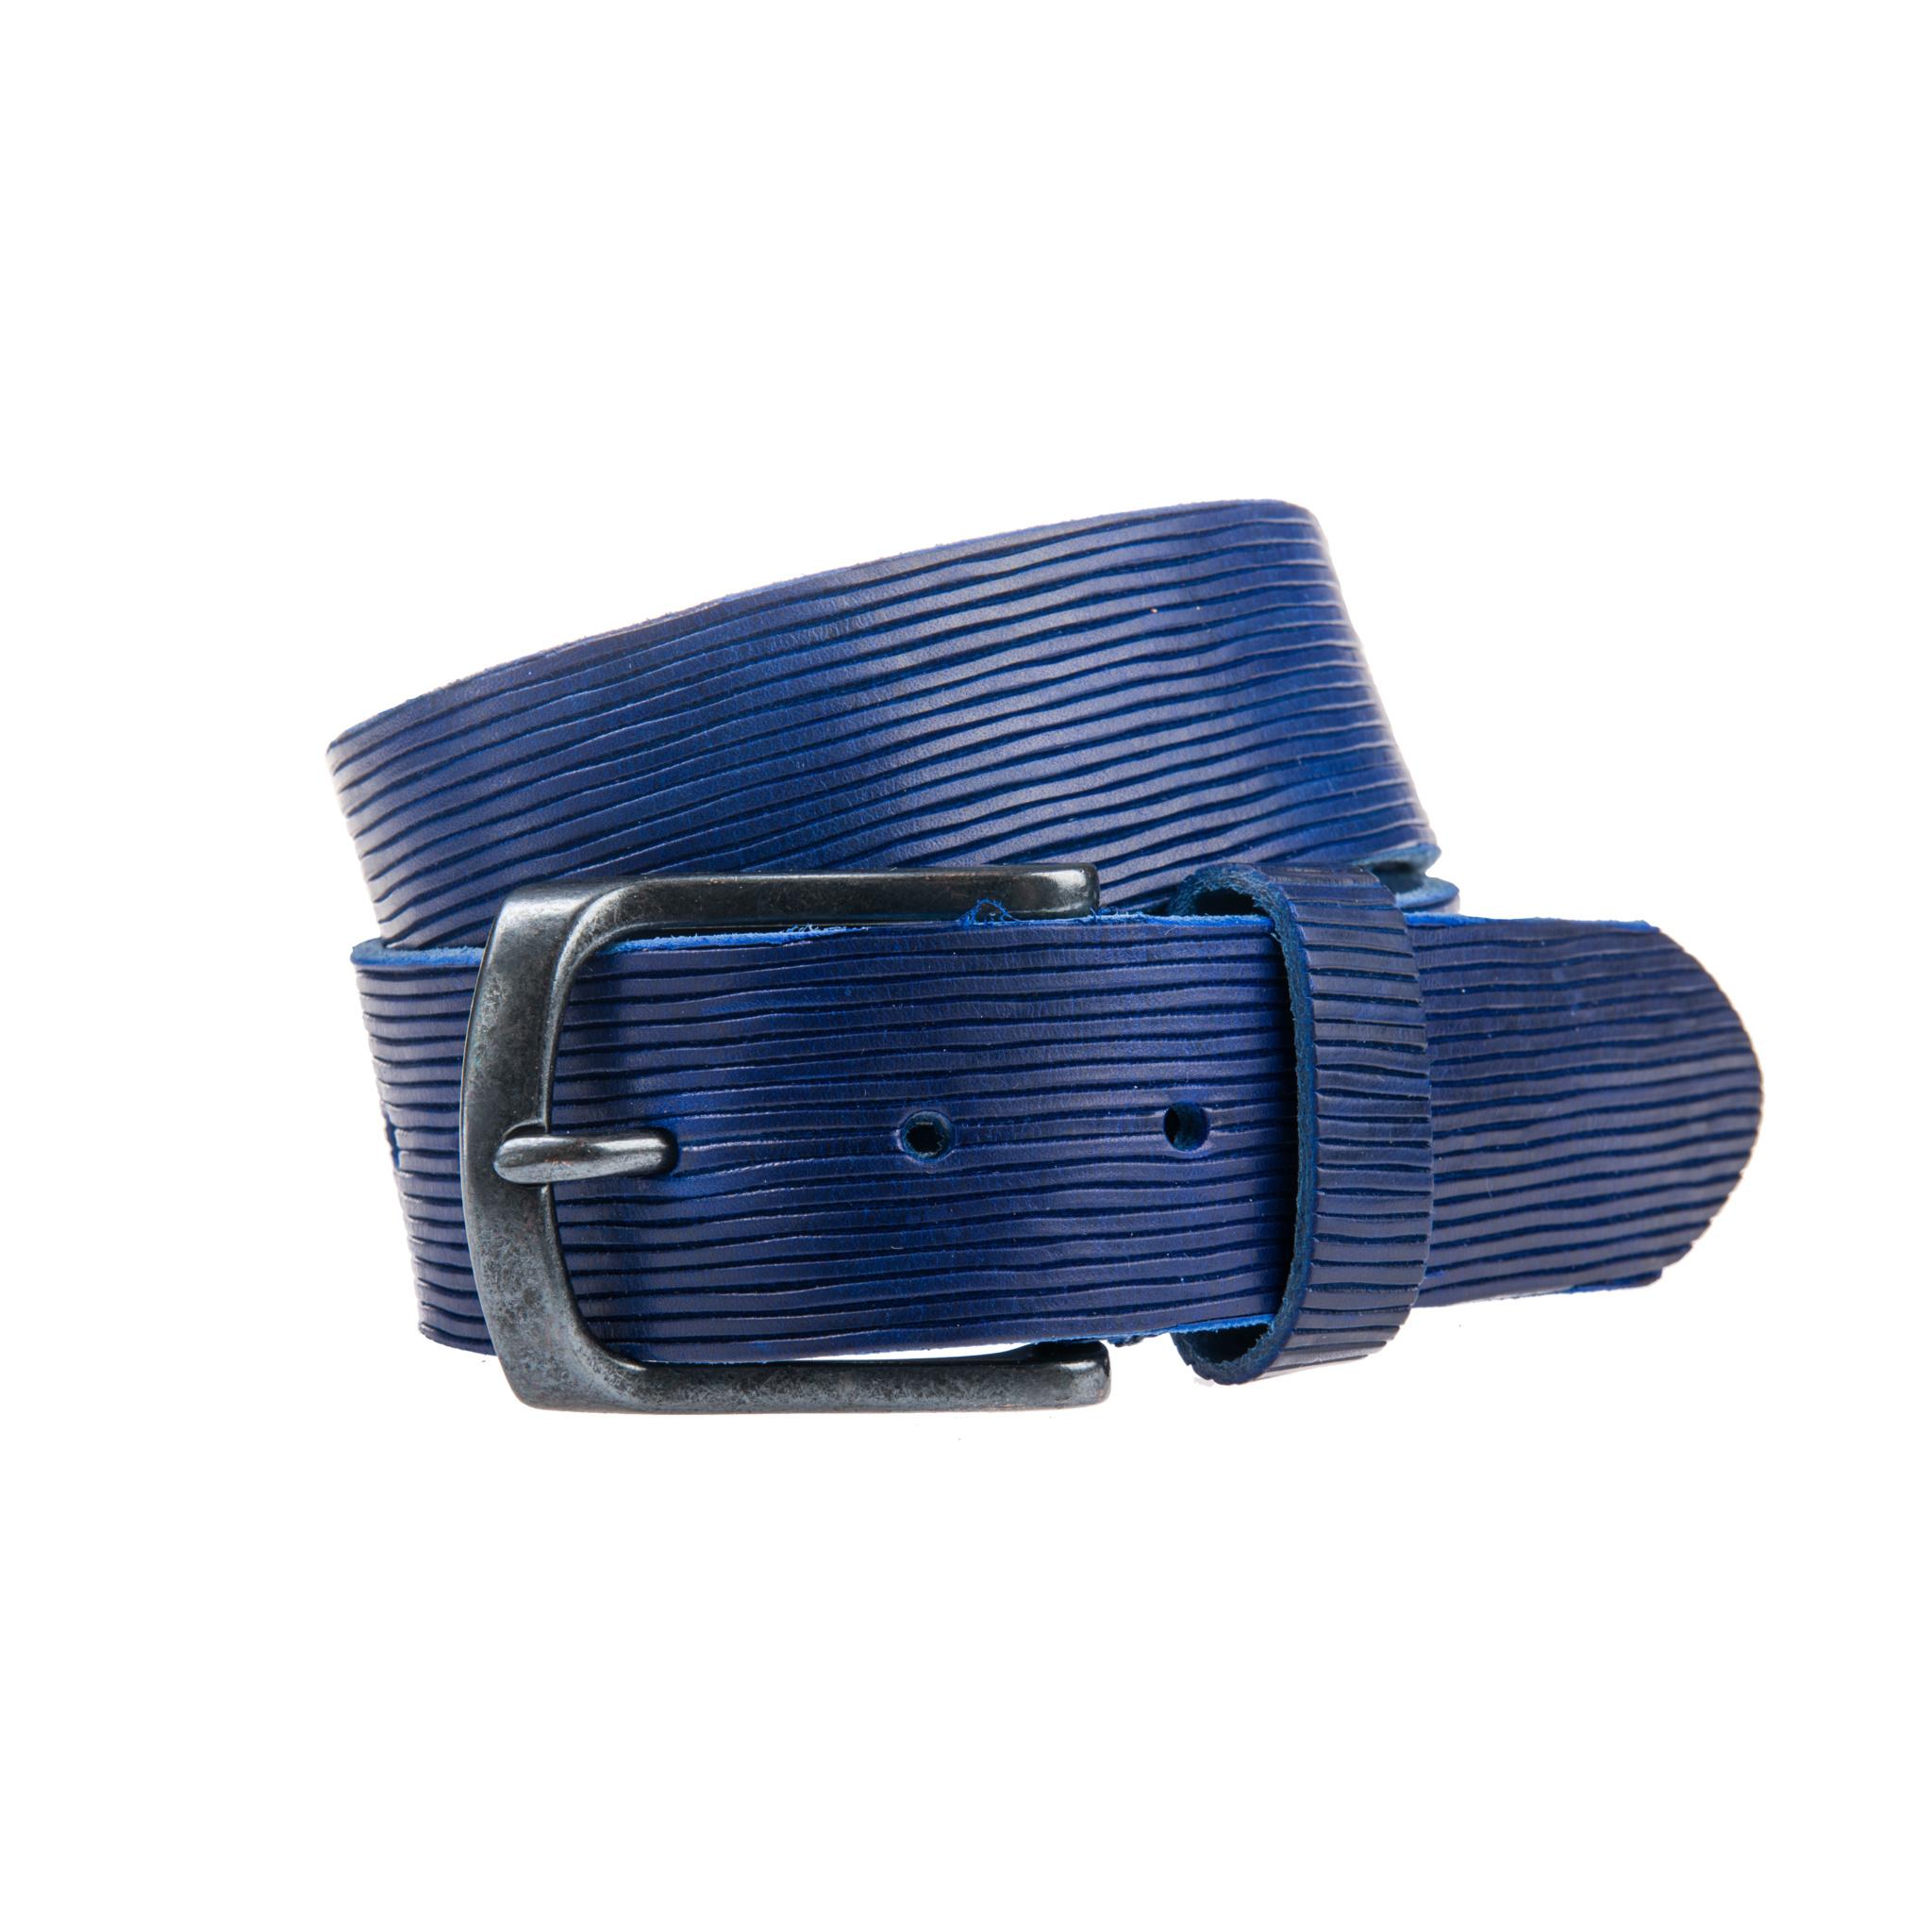 Mooie blauwe jeansriem - 40 mm breed